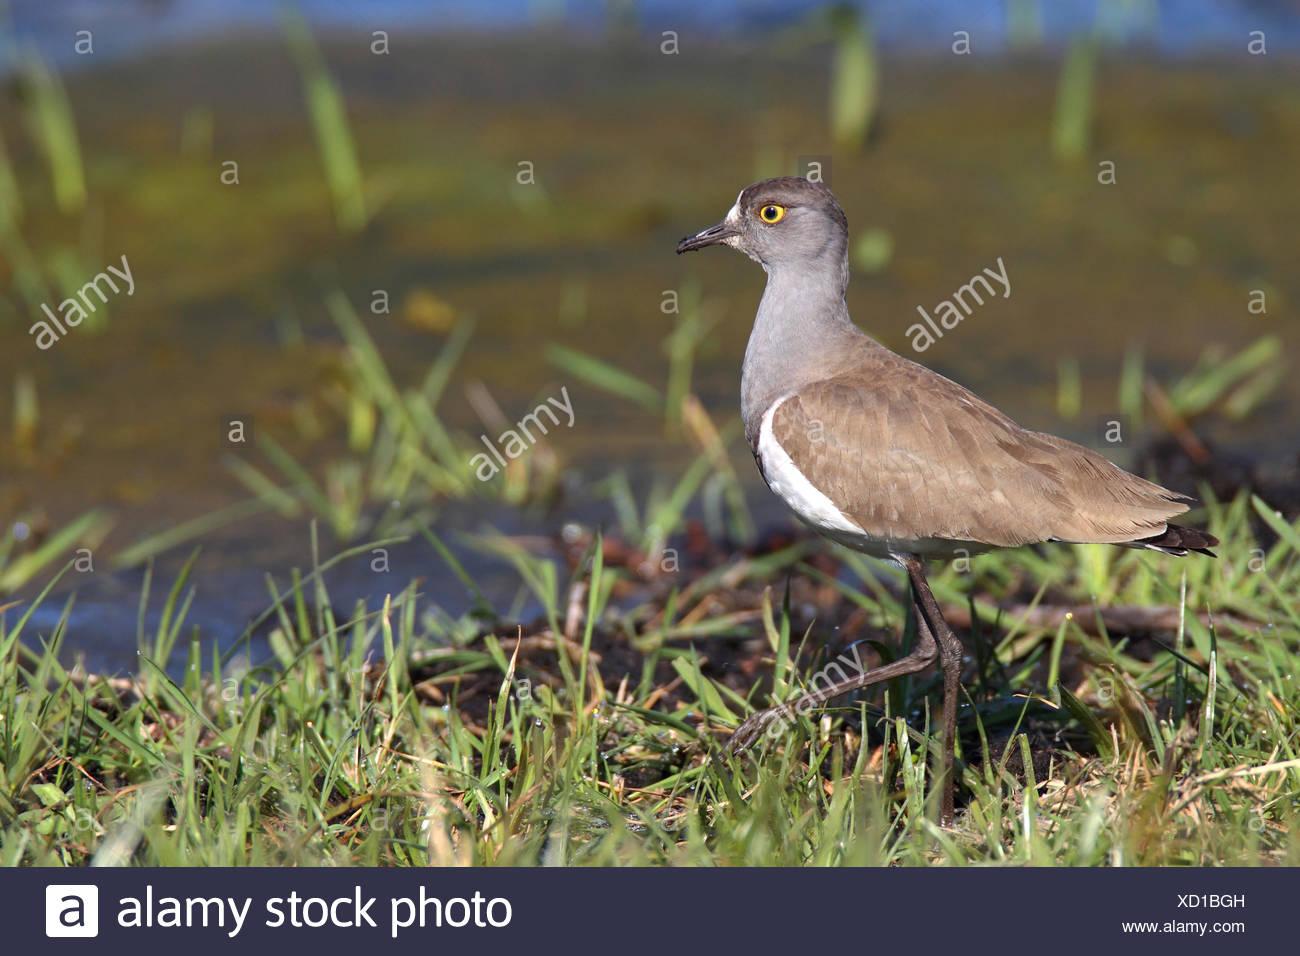 Sénégal (Vanellus lugubris), se trouve dans les eaux peu profondes, Afrique du Sud, parc iSimangaliso Wetland Park Photo Stock